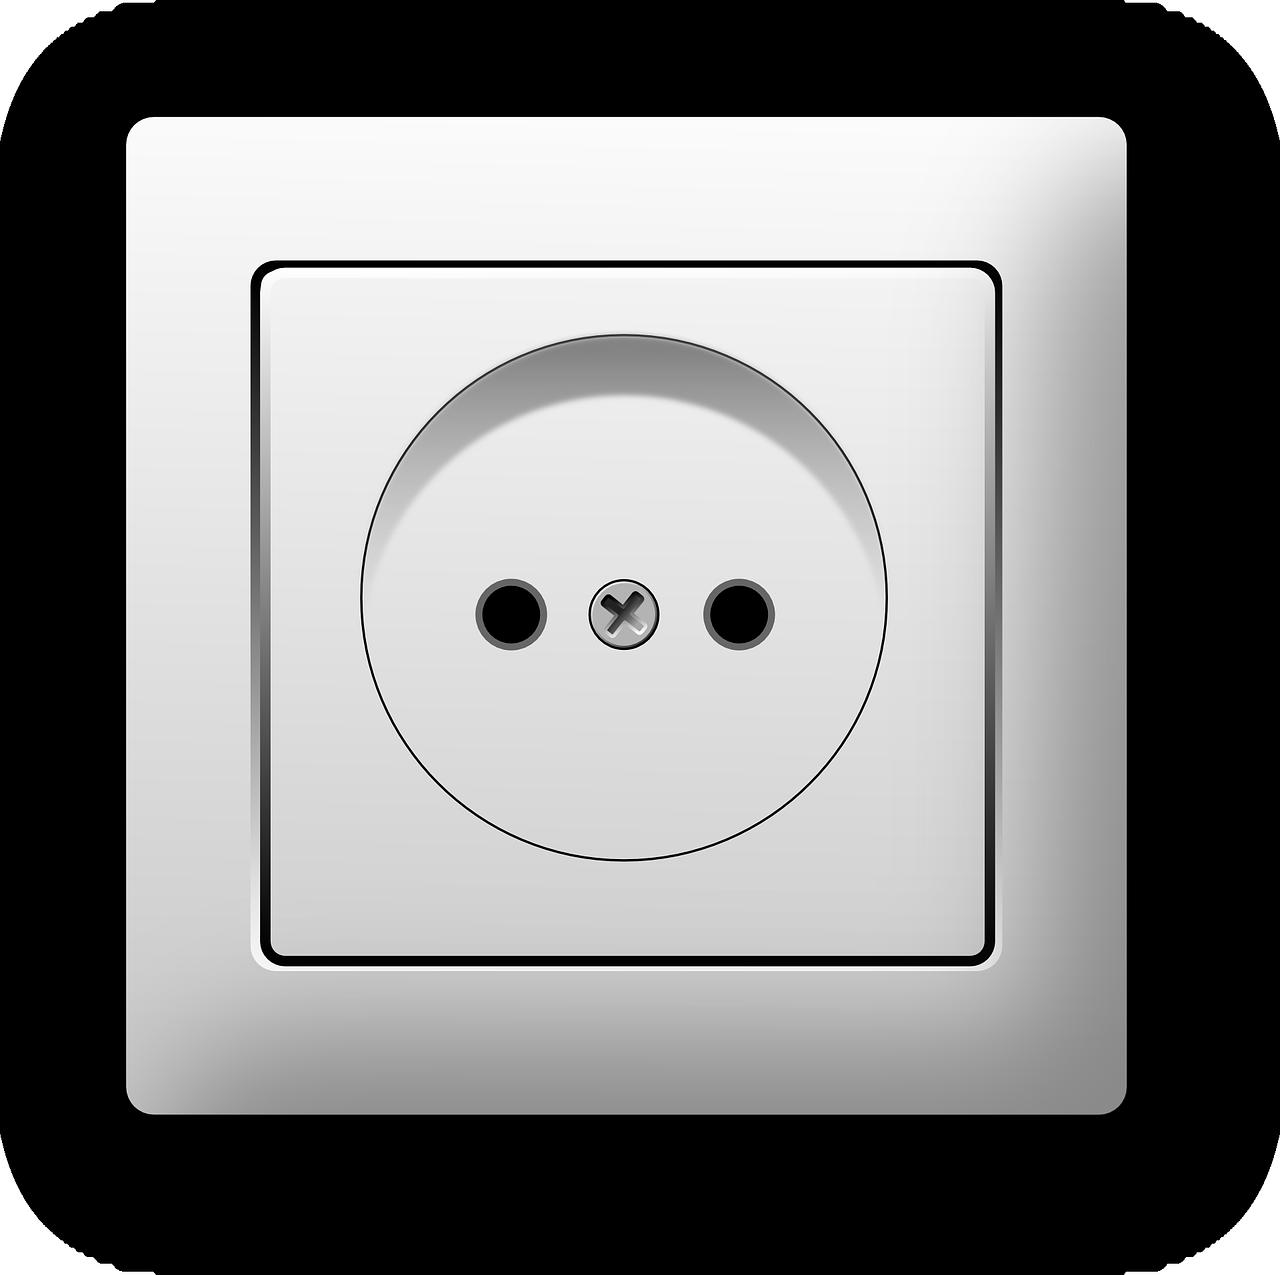 elektrohäcksler test